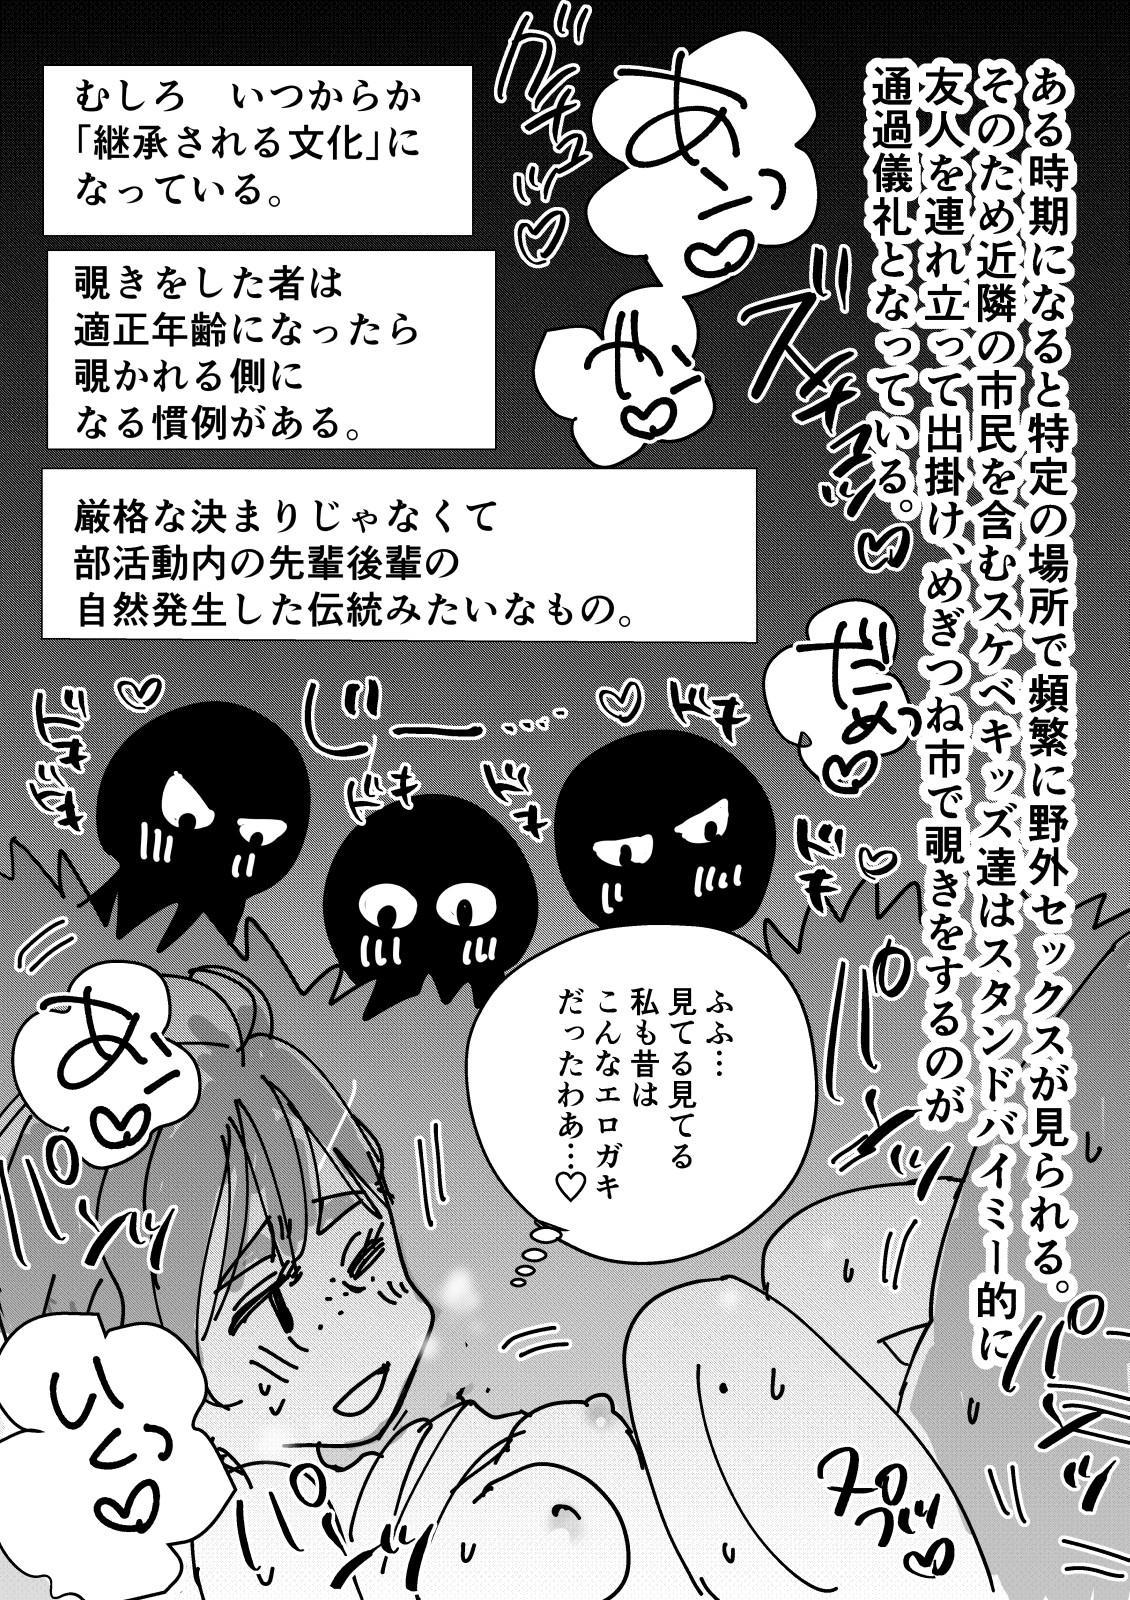 [Megitsune Works] Wakazuma-san wa Yokkyuu Fuman! Akogare no Shisho no Wakazuma-san ga Gakusei Beit no Boku no Fudeoroshi o Shite kuremashita. 81